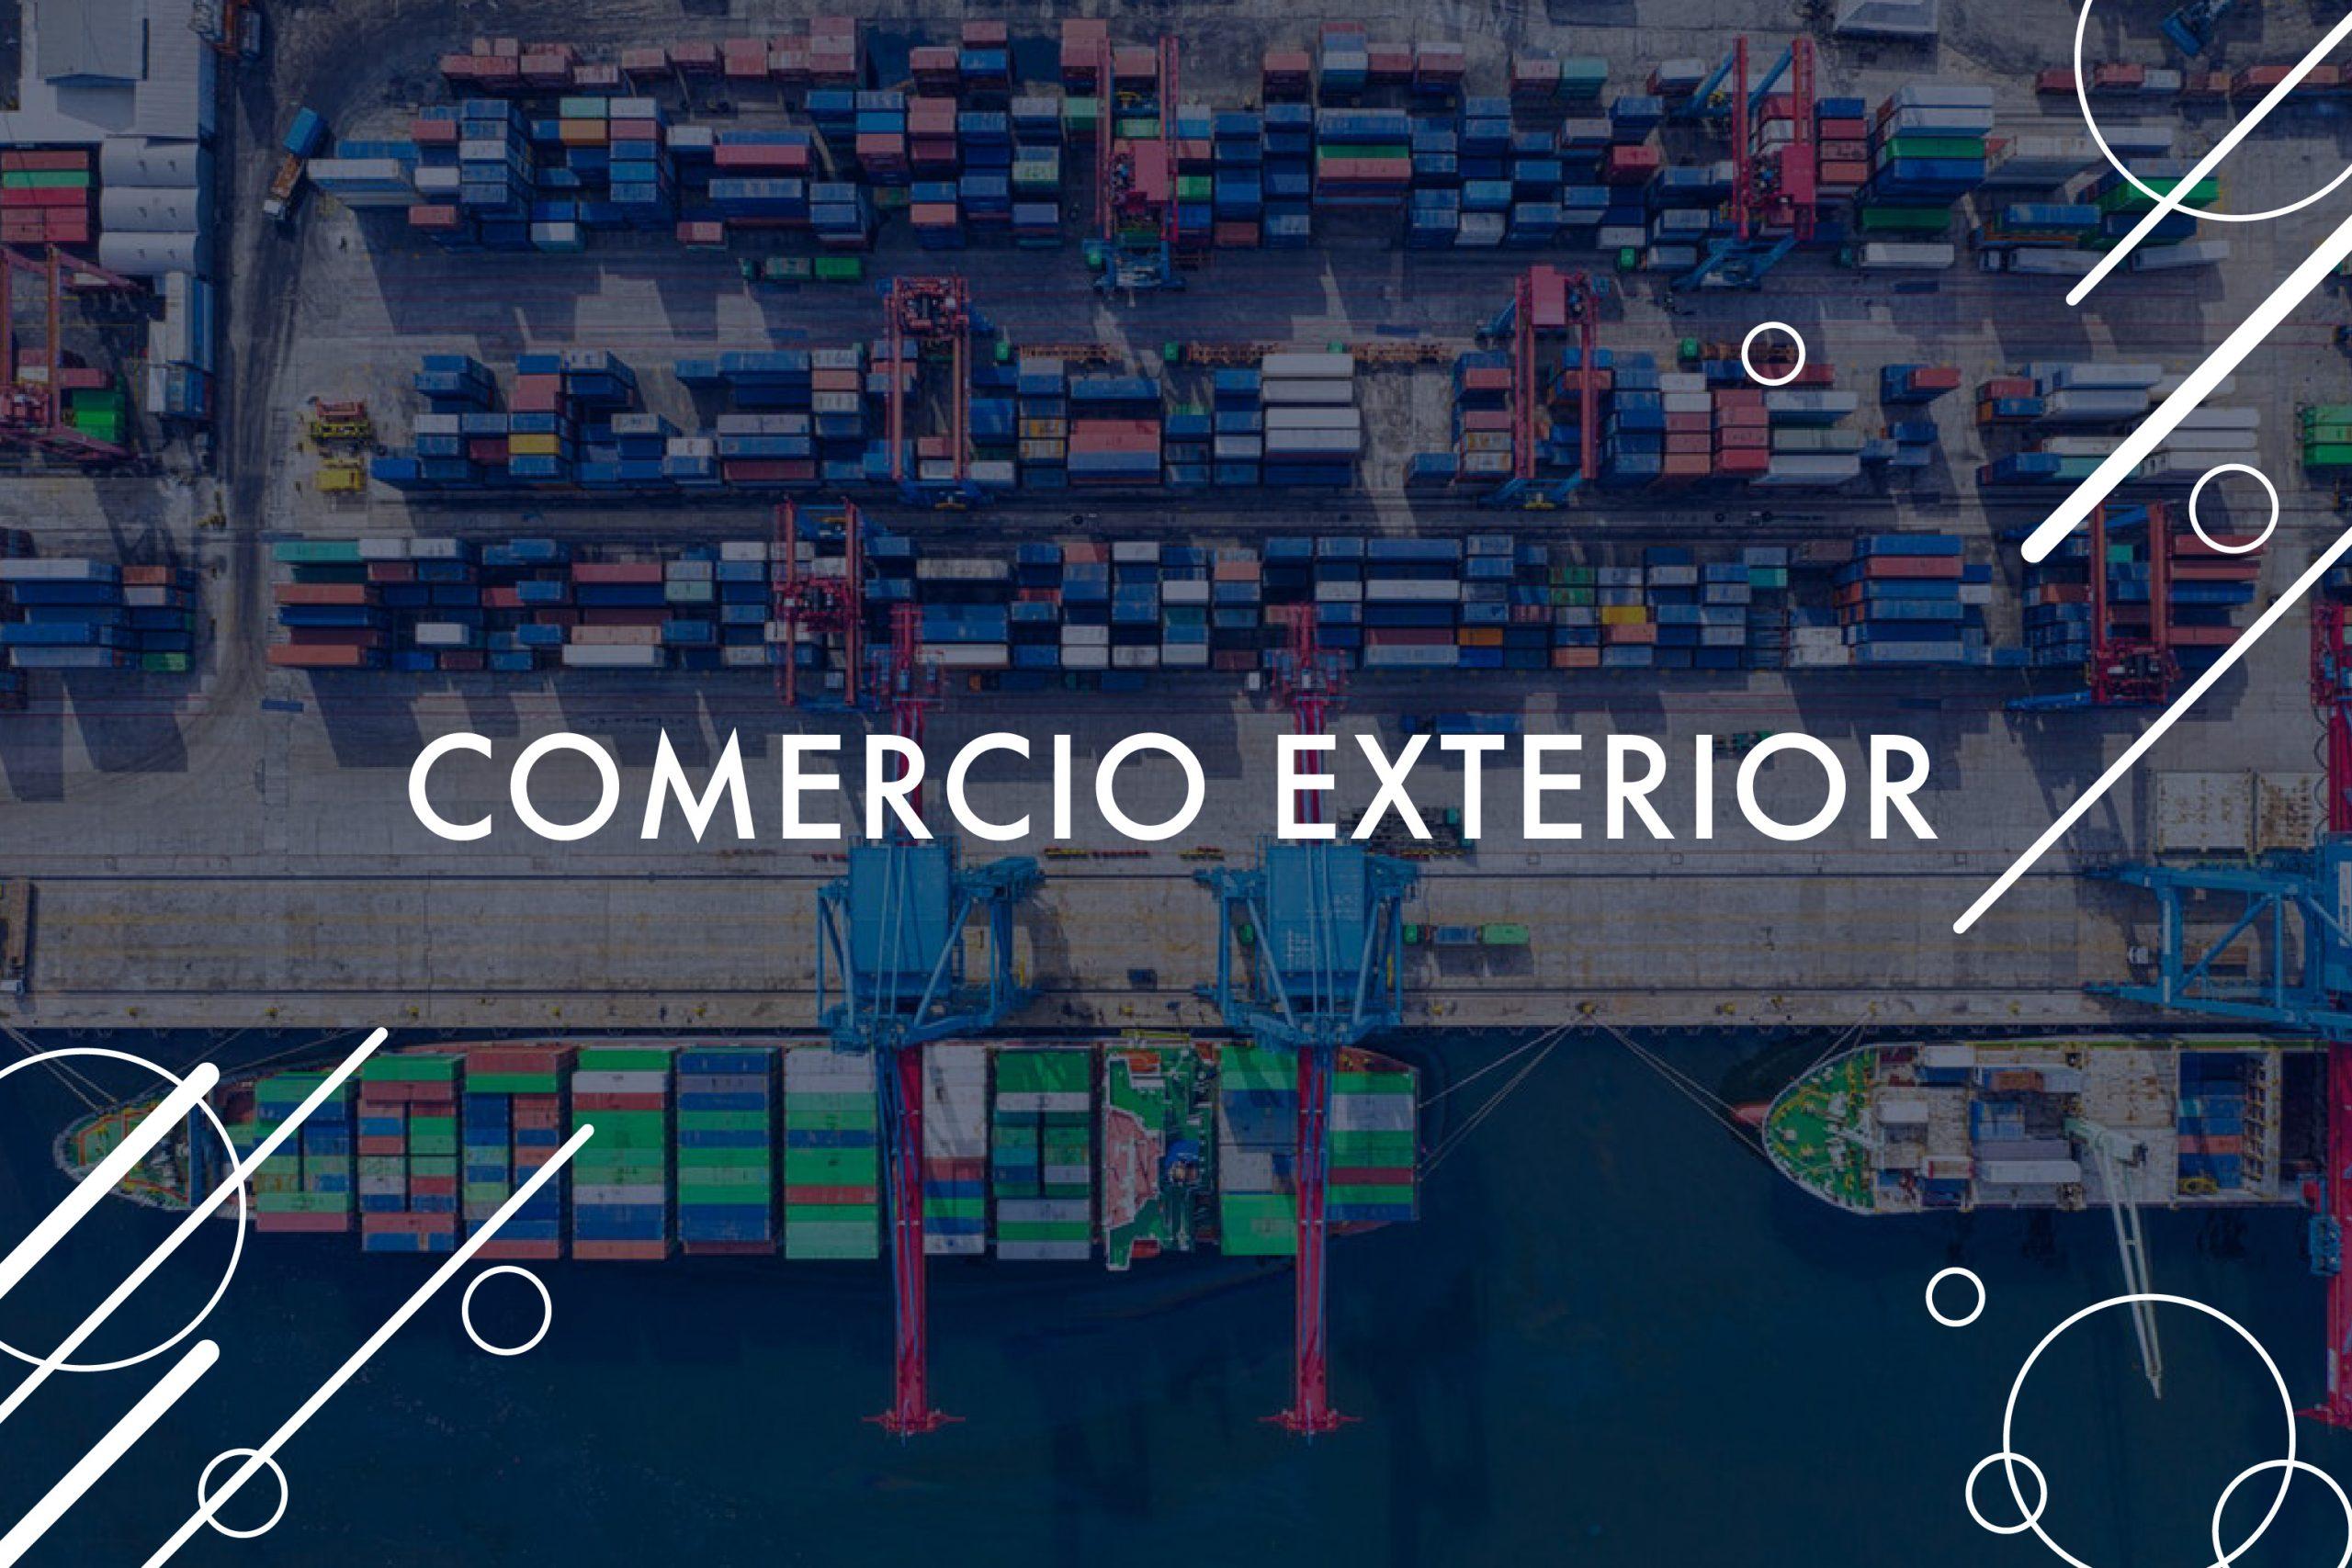 asesoria y planeacion empresarial, tratado de libre comercio, comercio exterior, finanzas, legal, contable, fiscal